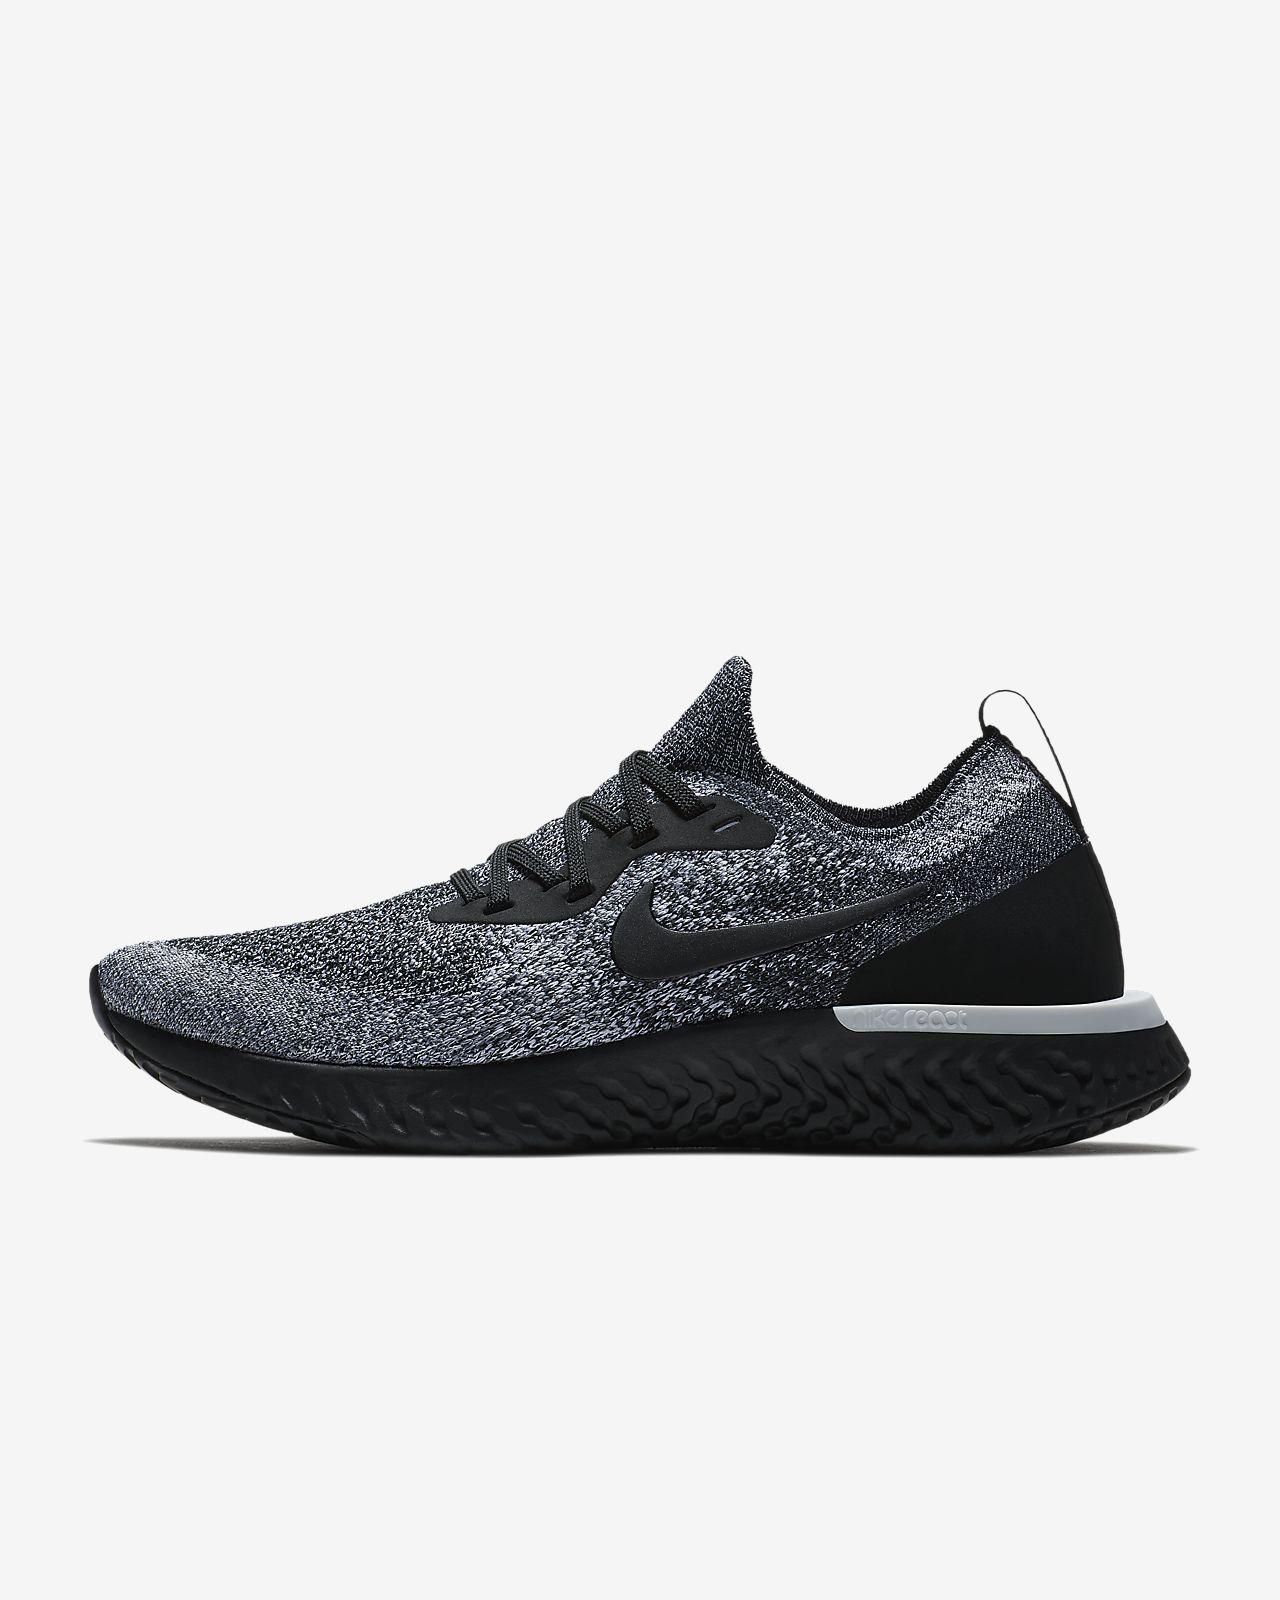 5bb1f4ce792 Nike Epic React Flyknit 1 Women s Running Shoe. Nike.com